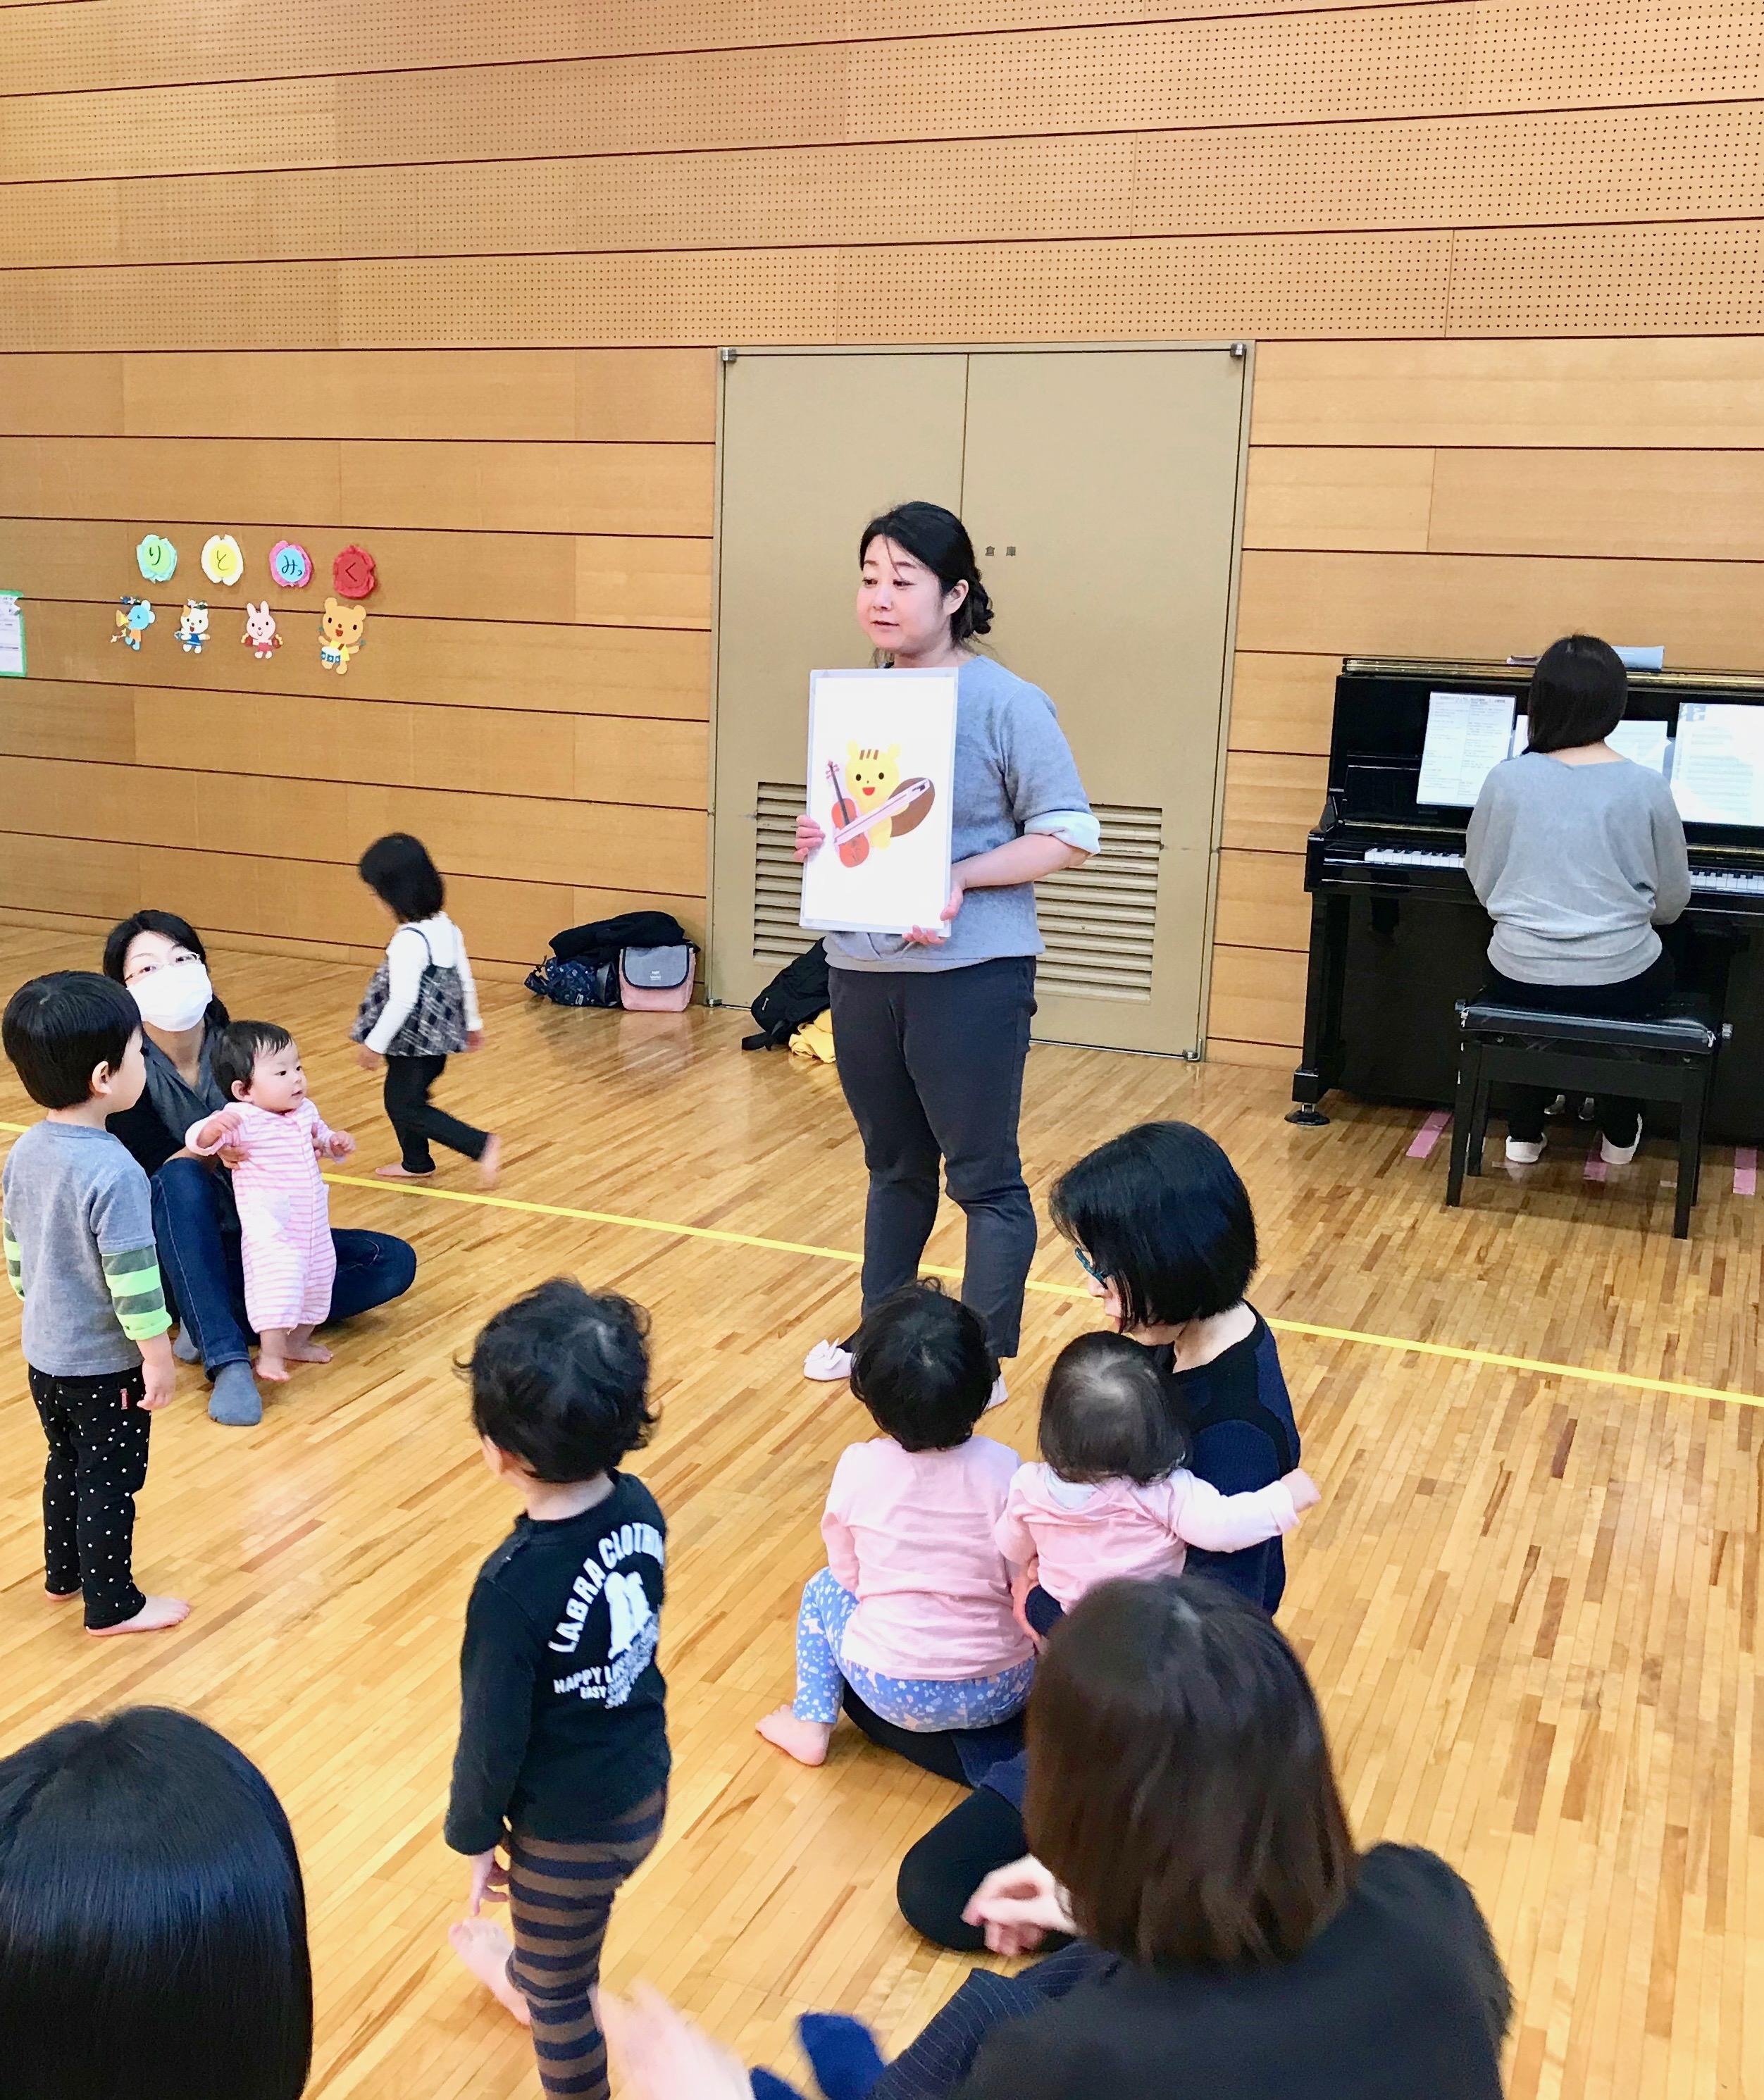 紙芝居かな?チェロを奏でるリスさんの絵が出てきて、子ども達も興味津々な様子で先生のもとに集まってきました。